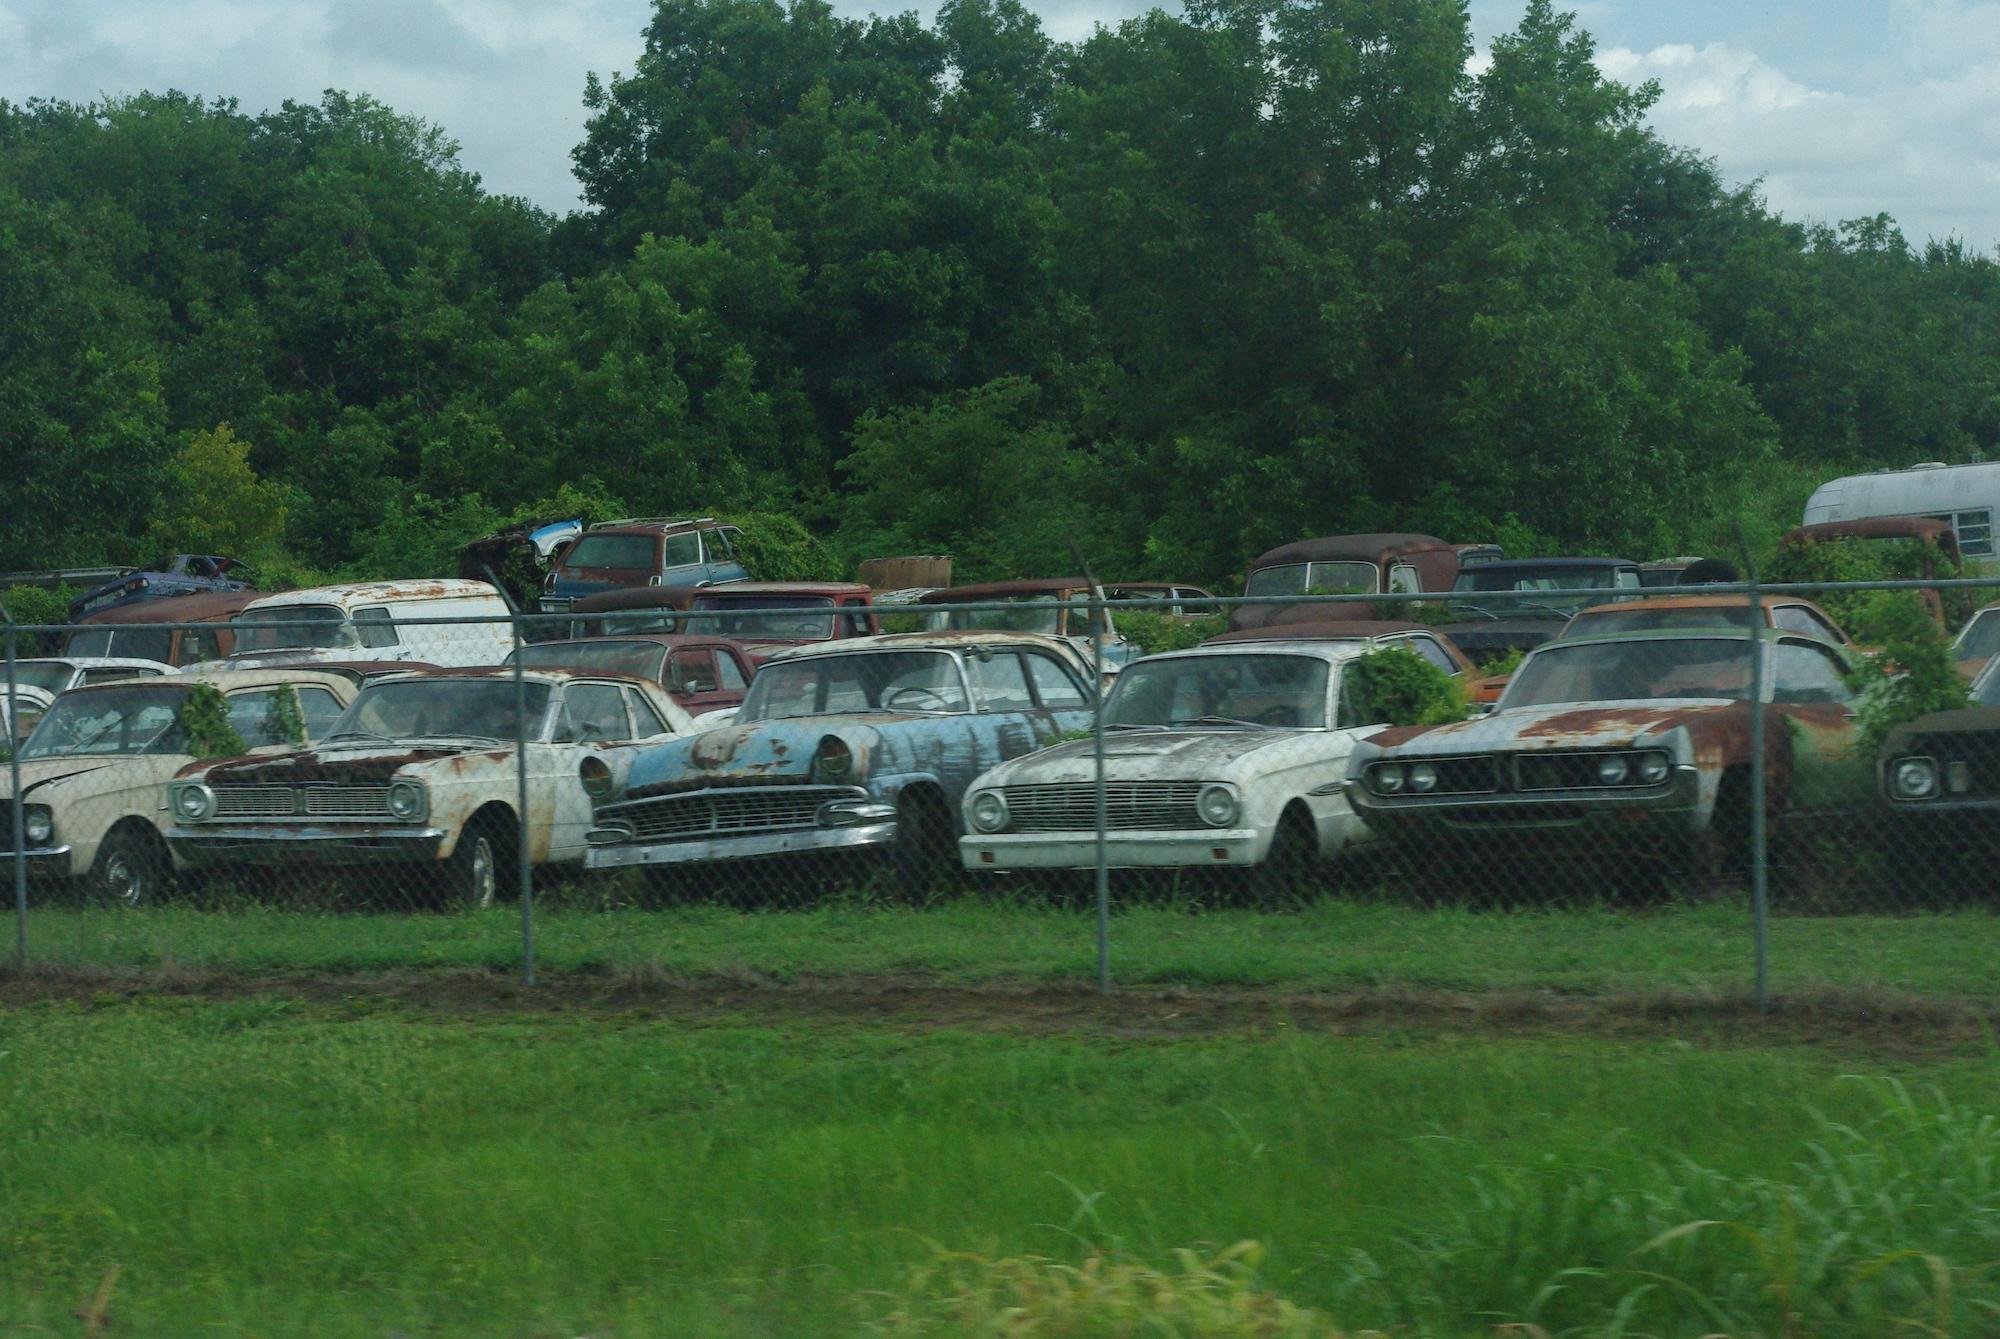 Un magnifique casse auto avec des voitures vintage